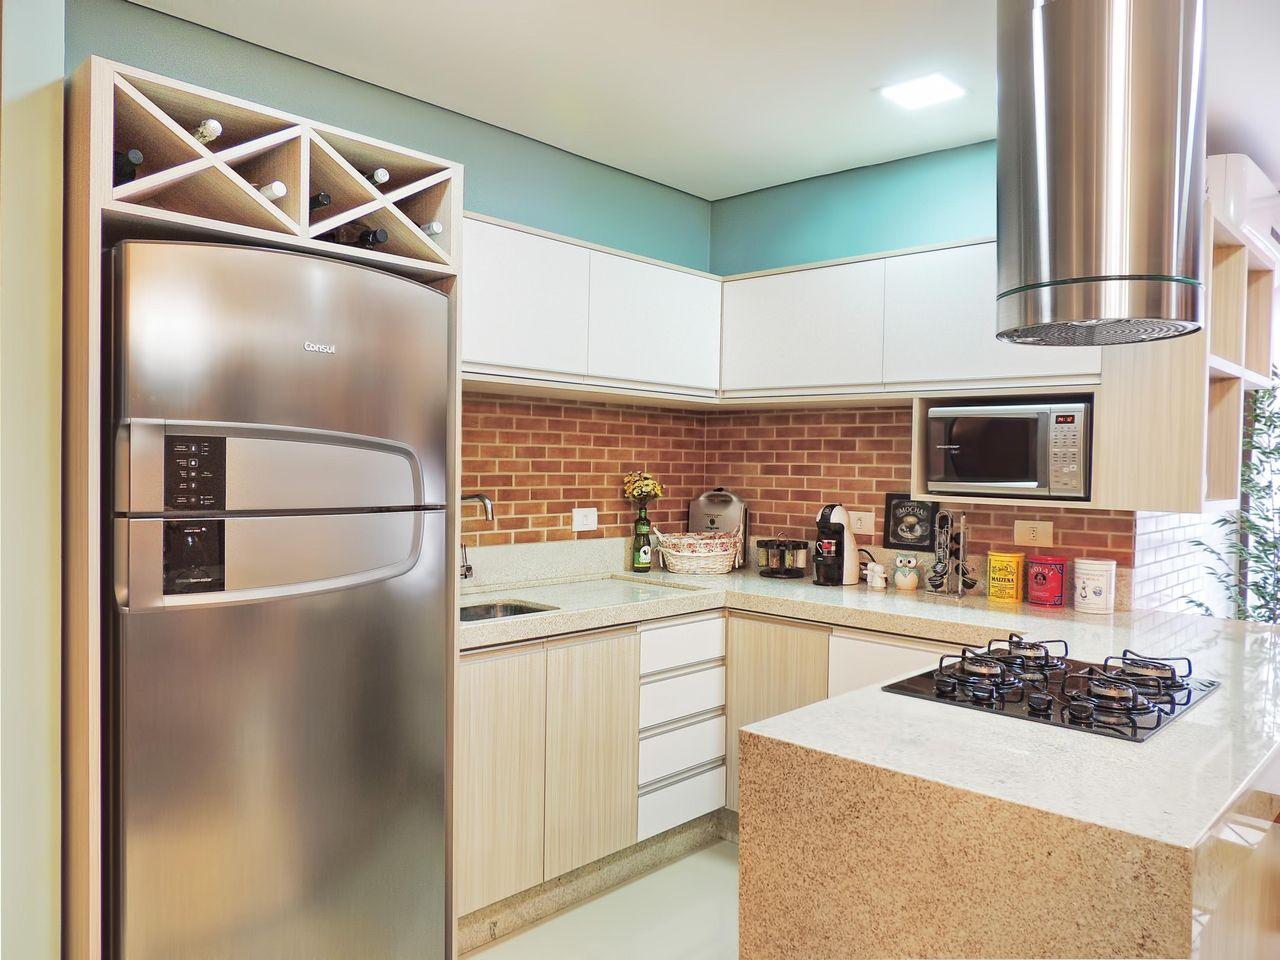 Cozinha Pequena De Caroline Yasmin Goncalves 58585 No Viva Decora